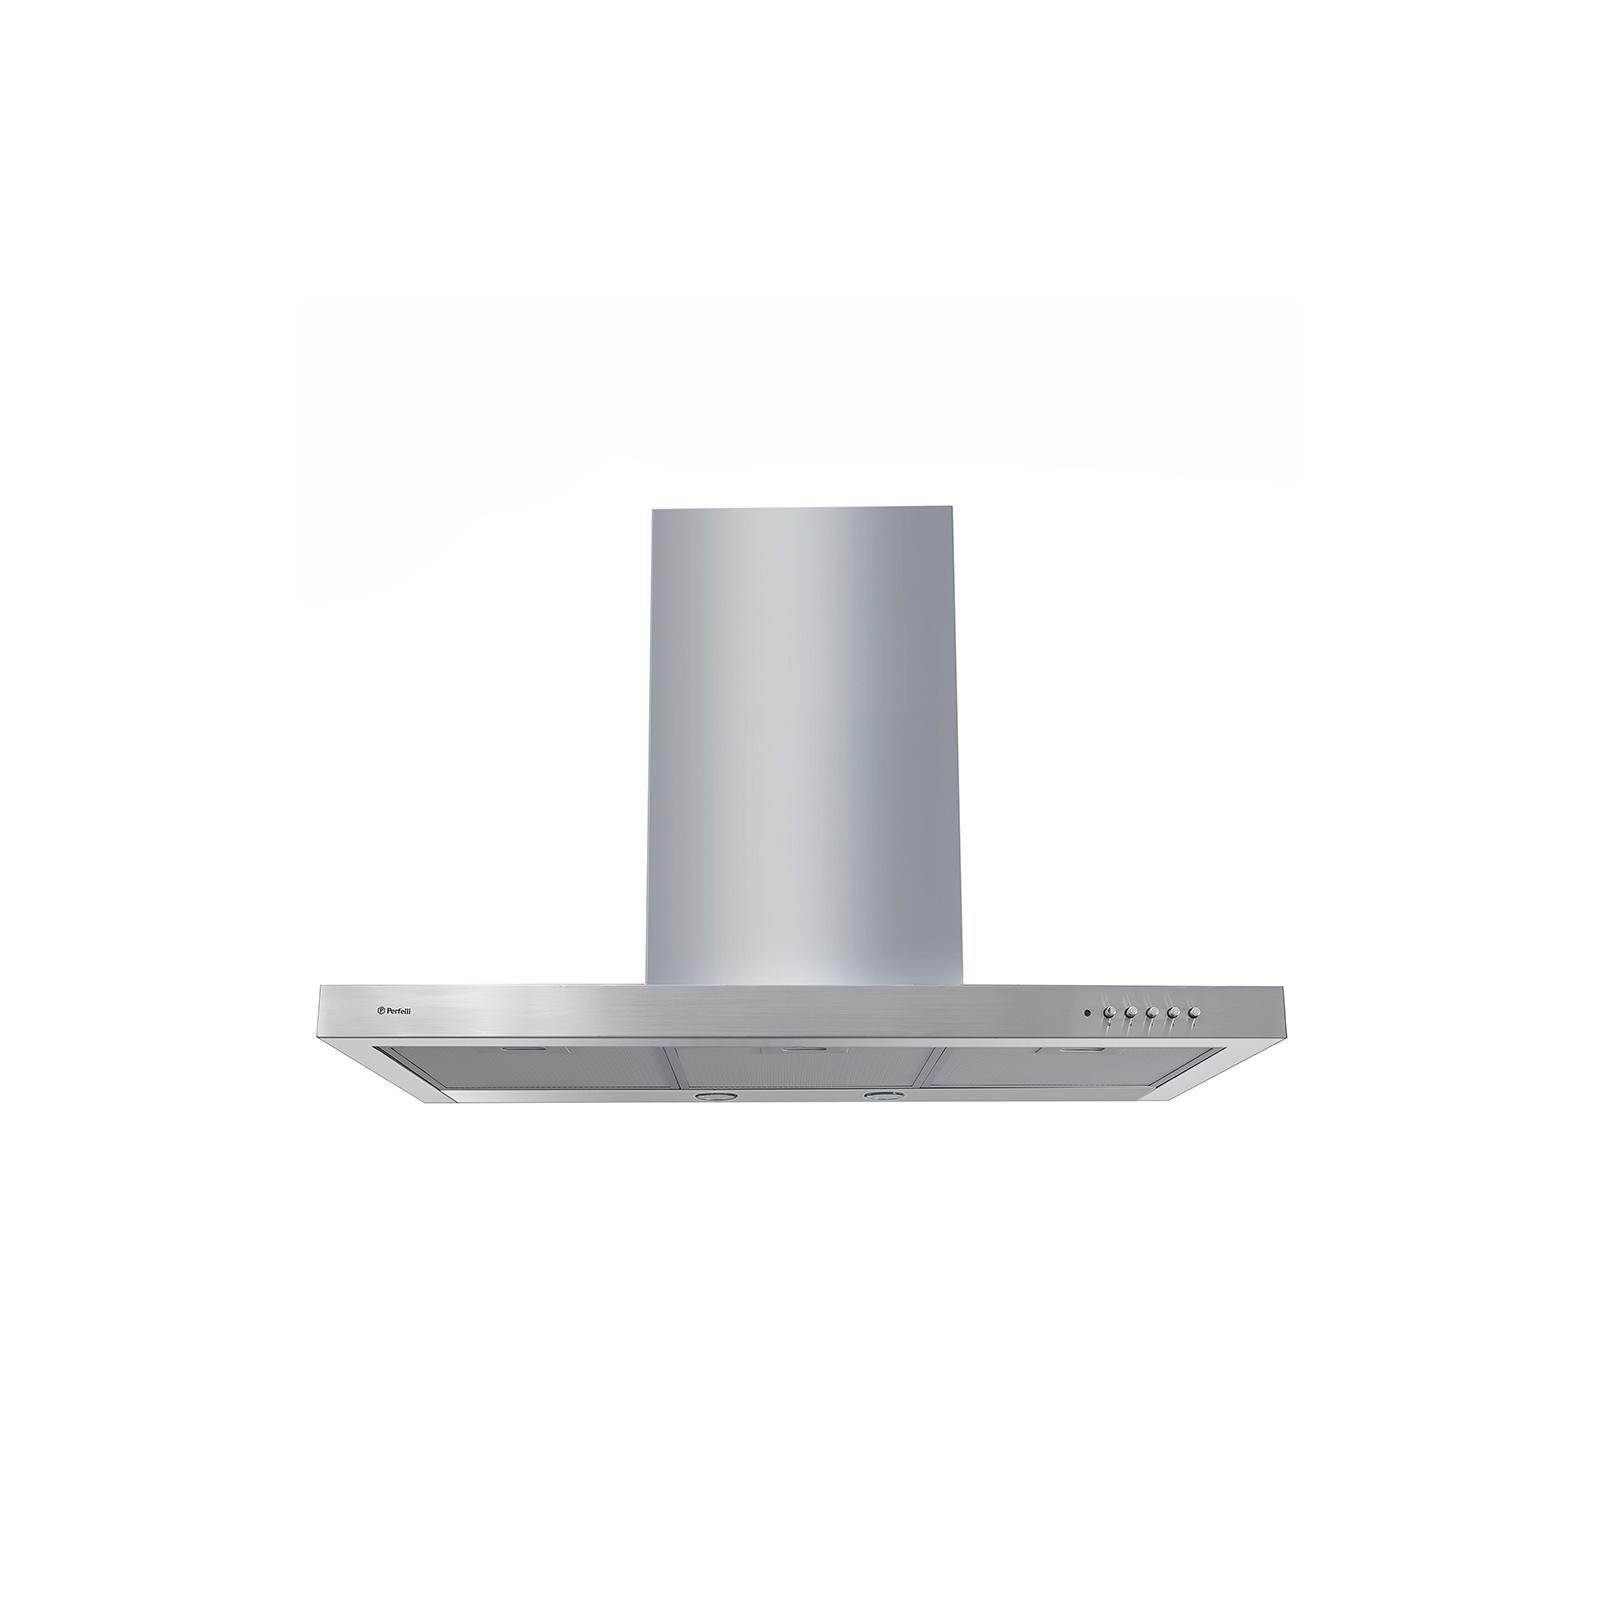 Вытяжка кухонная PERFELLI T 9101 I изображение 2